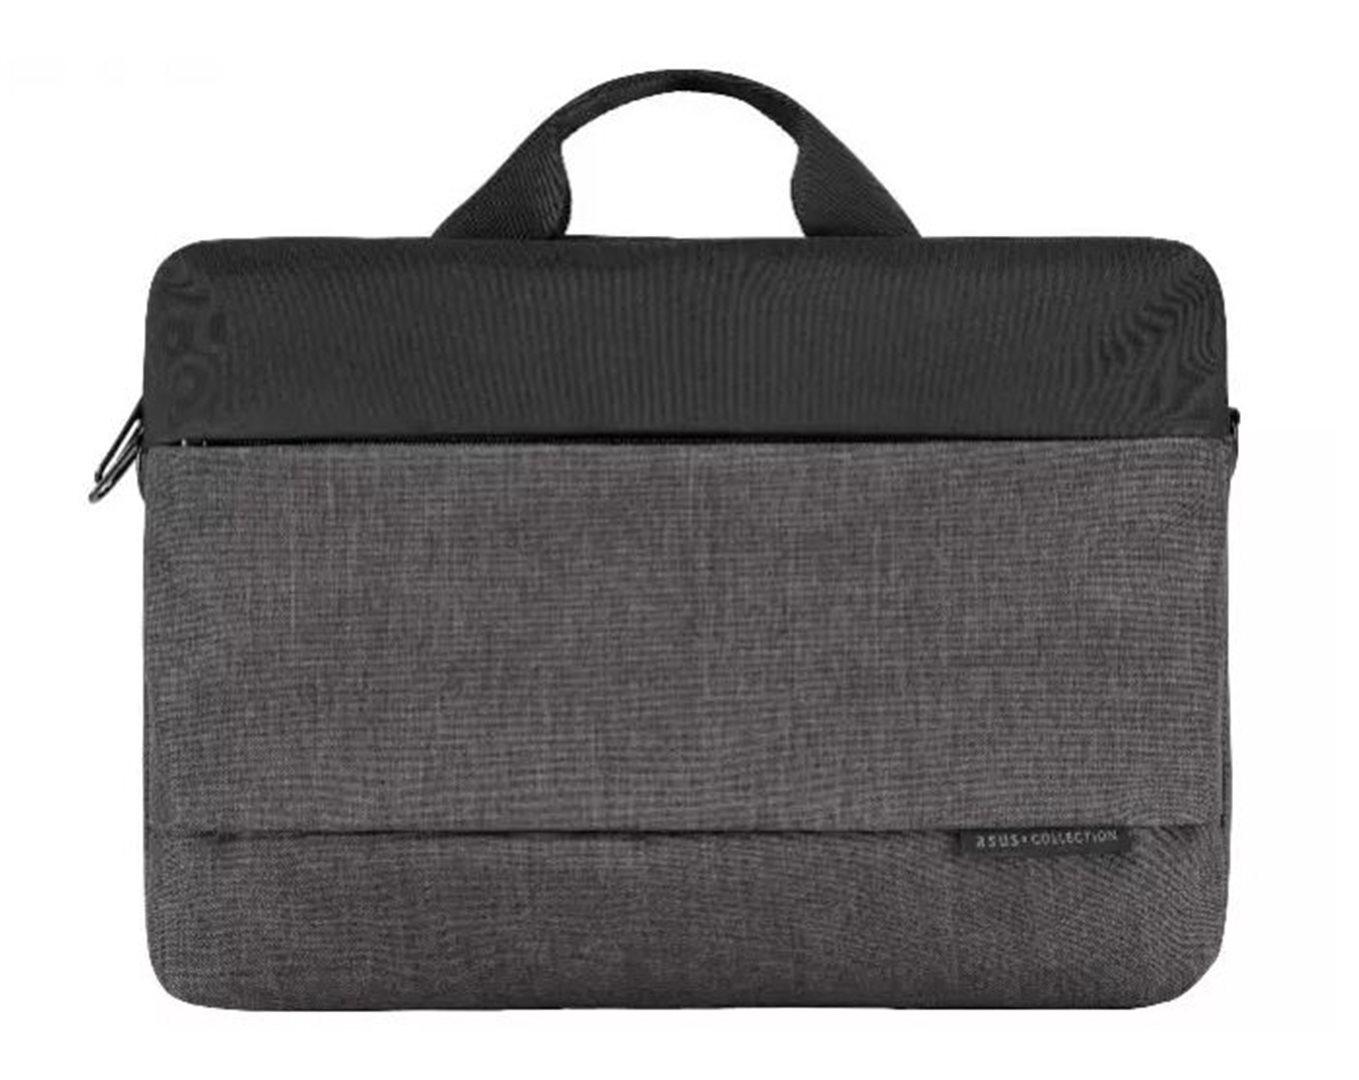 ASUS EOS 2 SHOULDER BAG, black